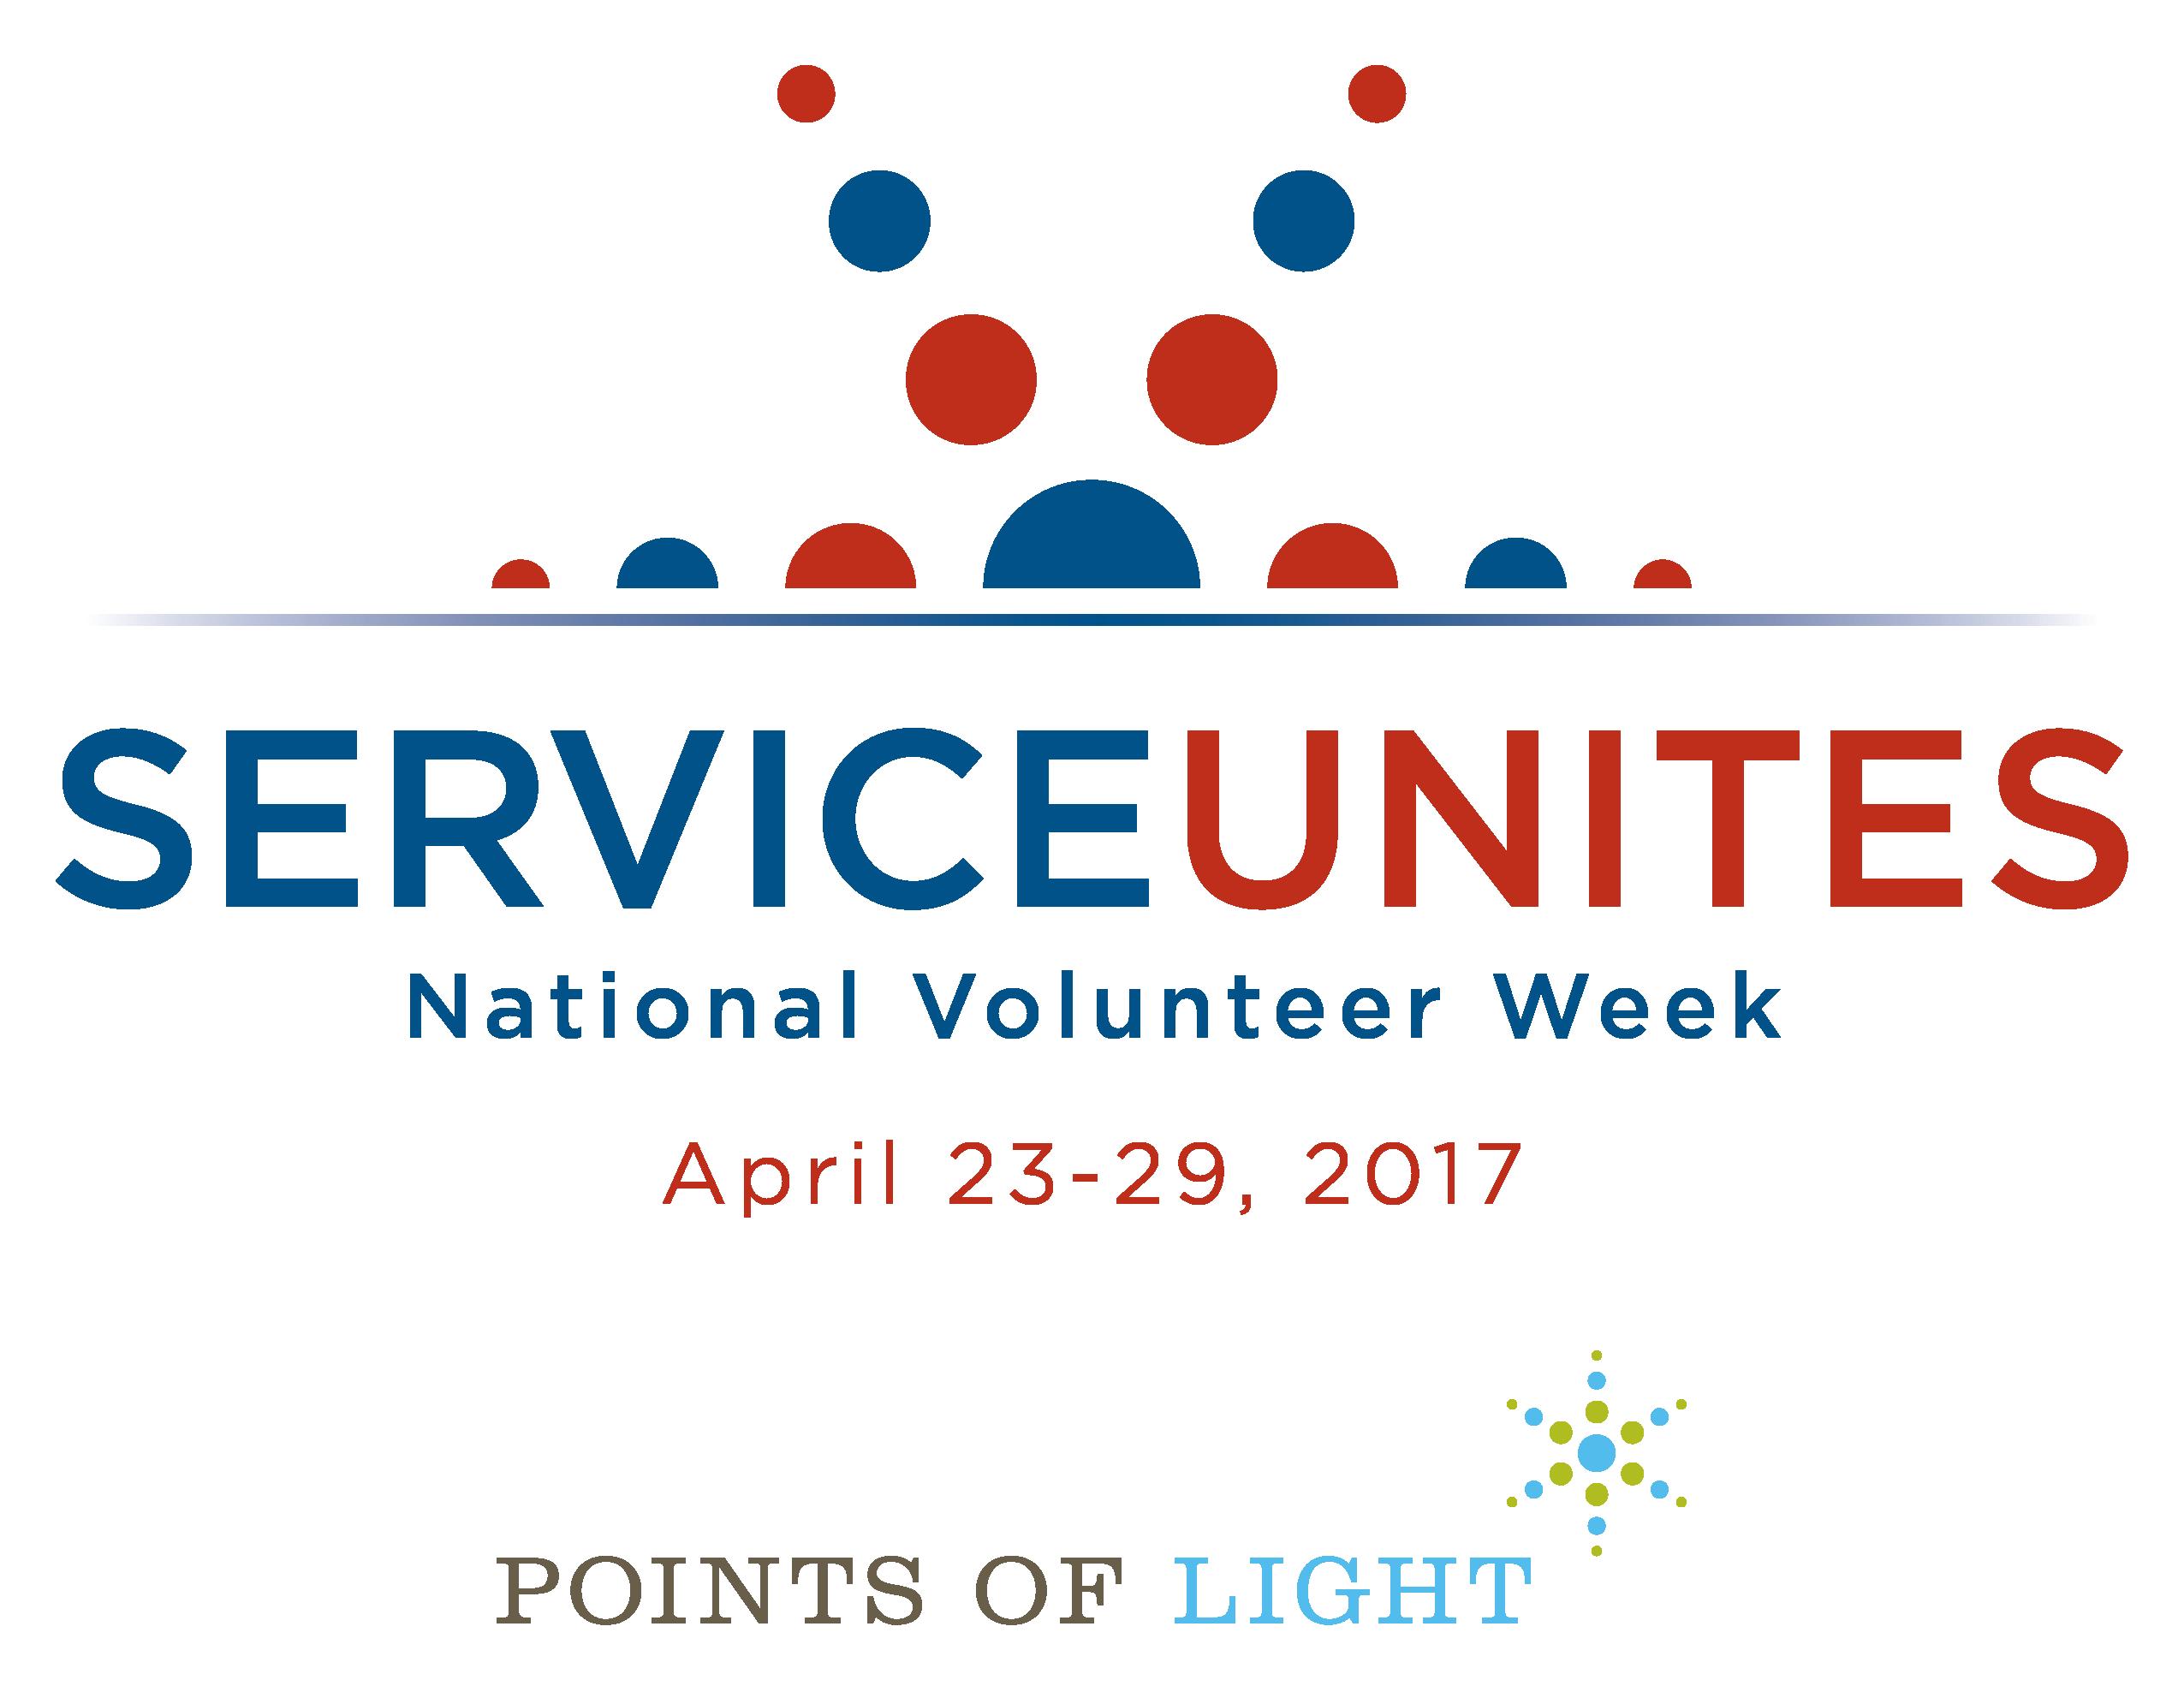 DuPage Foundation Celebrates Service of Volunteers During National Volunteer Week